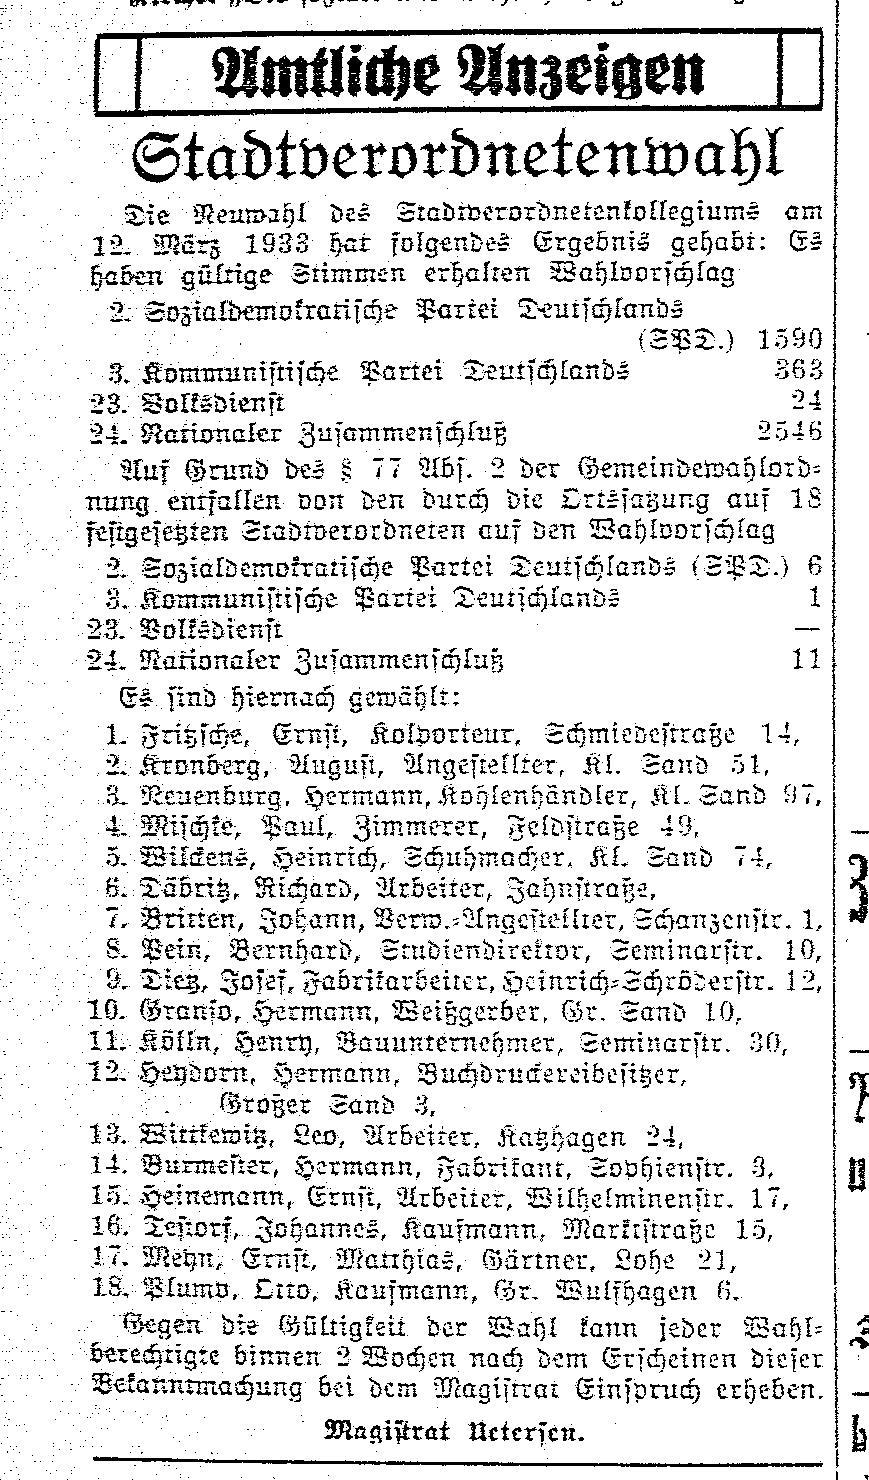 UeNa vom 14.03.1933